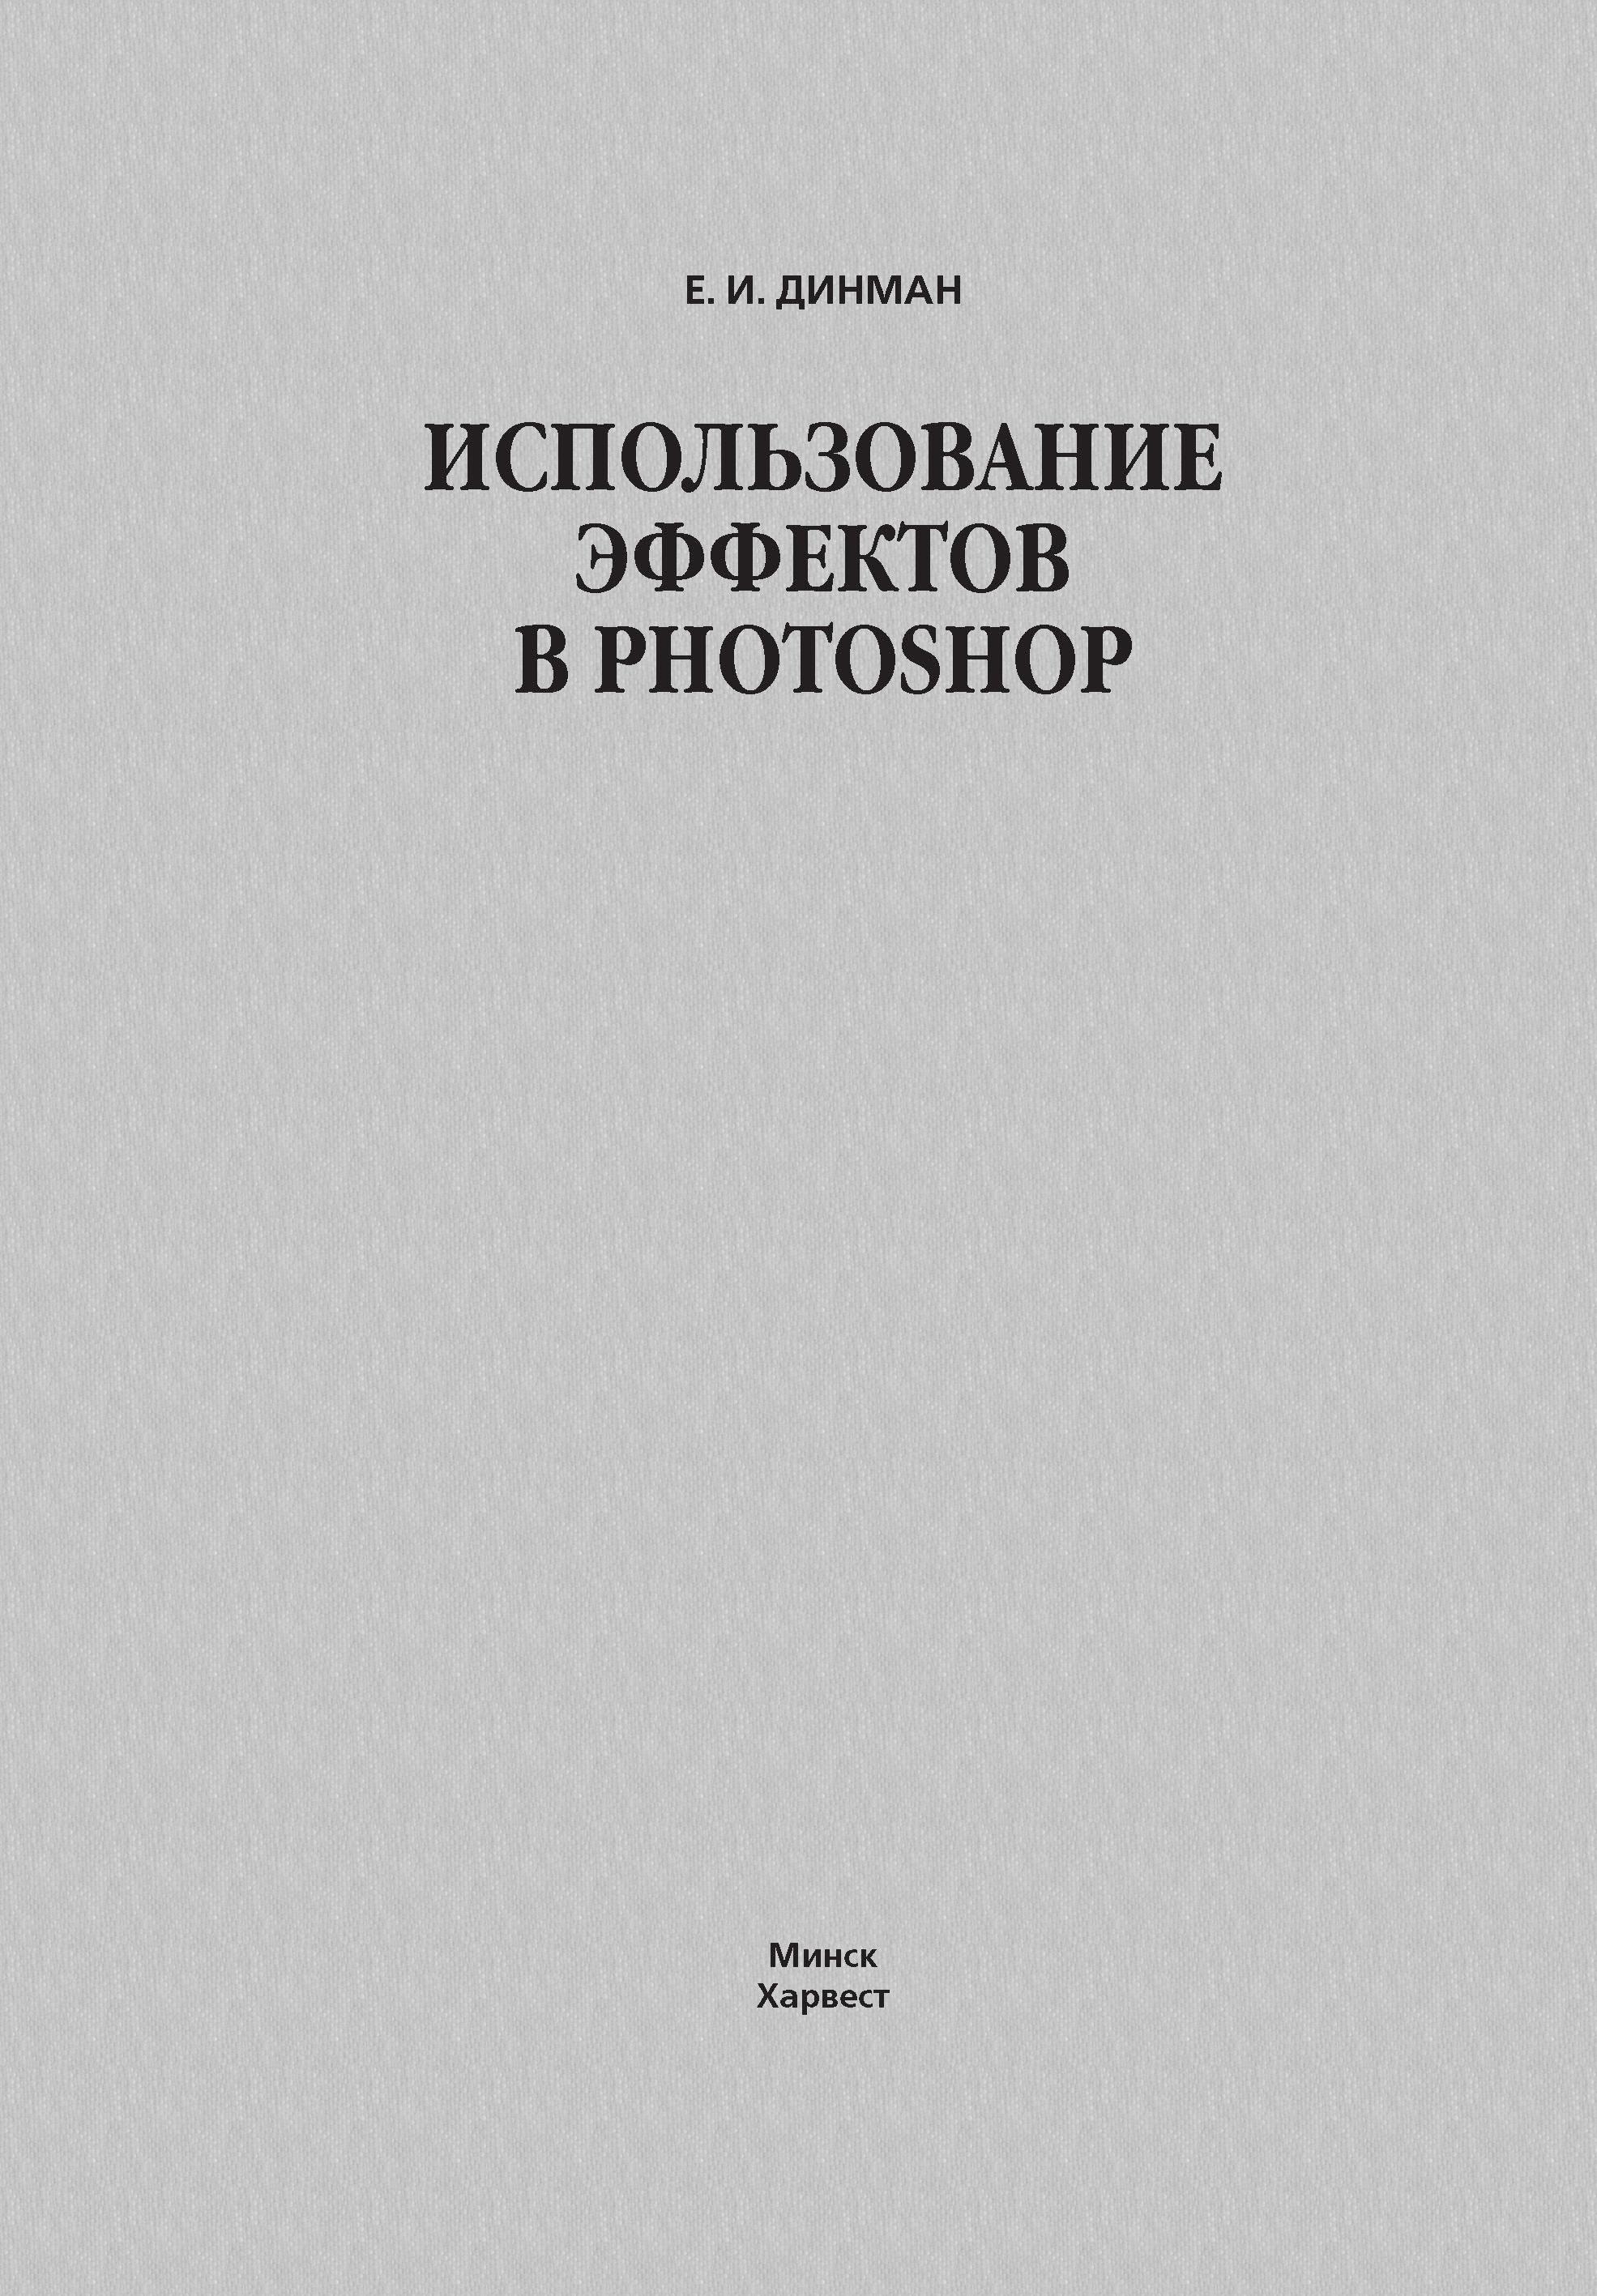 Купить книгу Использование эффектов в Photoshop, автора Елены Динман